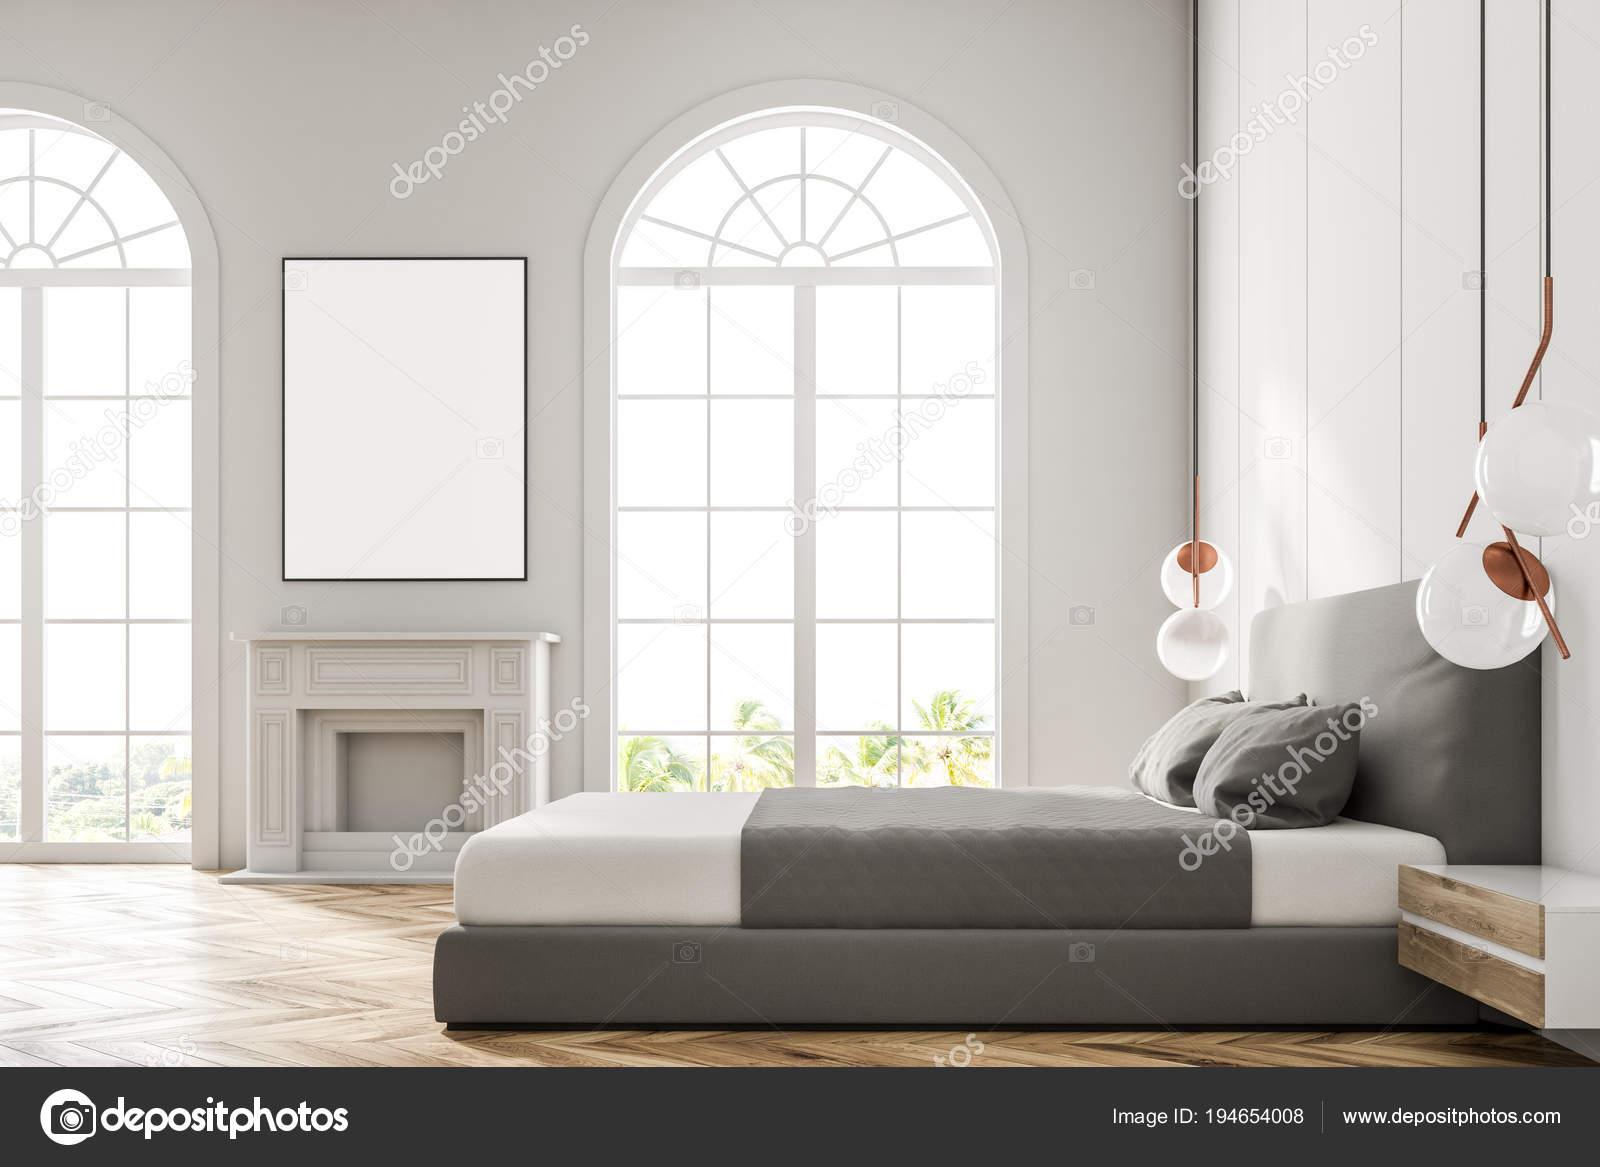 wit getoogd venster slaapkamer poster stockfoto